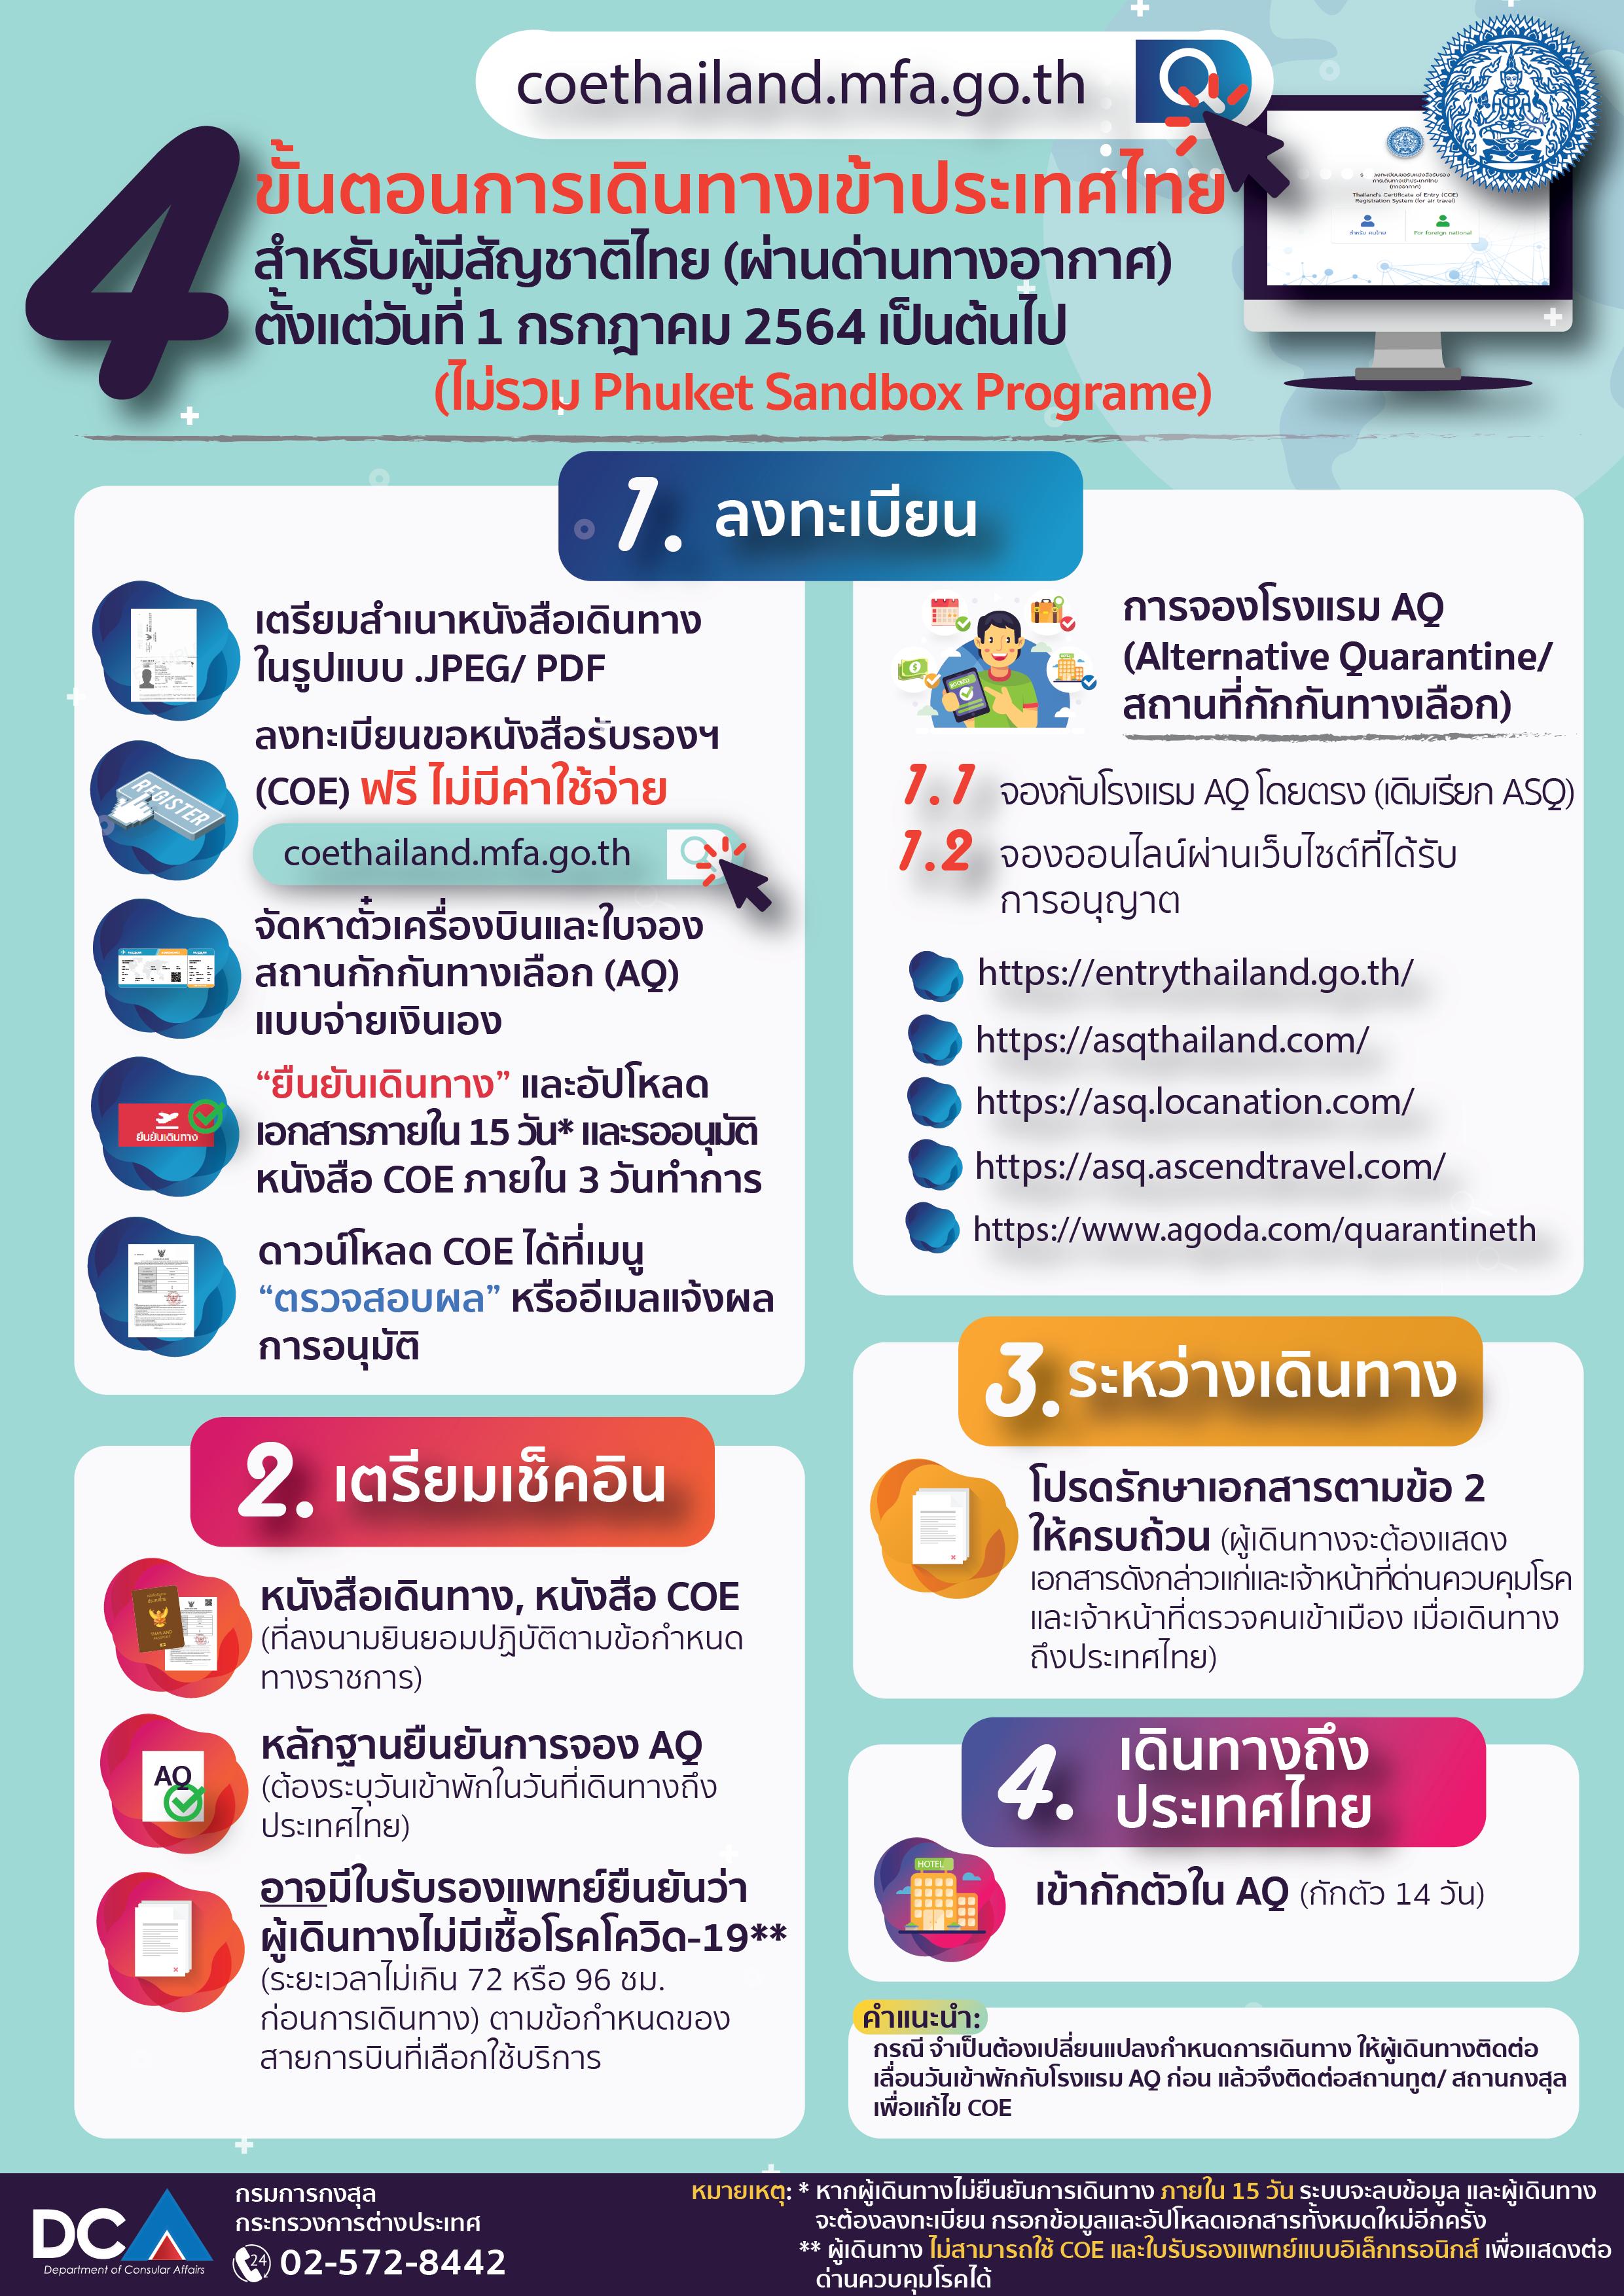 ขั้นตอนการเดินทางเข้าไทย_(เดือนกรกฎาคม_64)-01